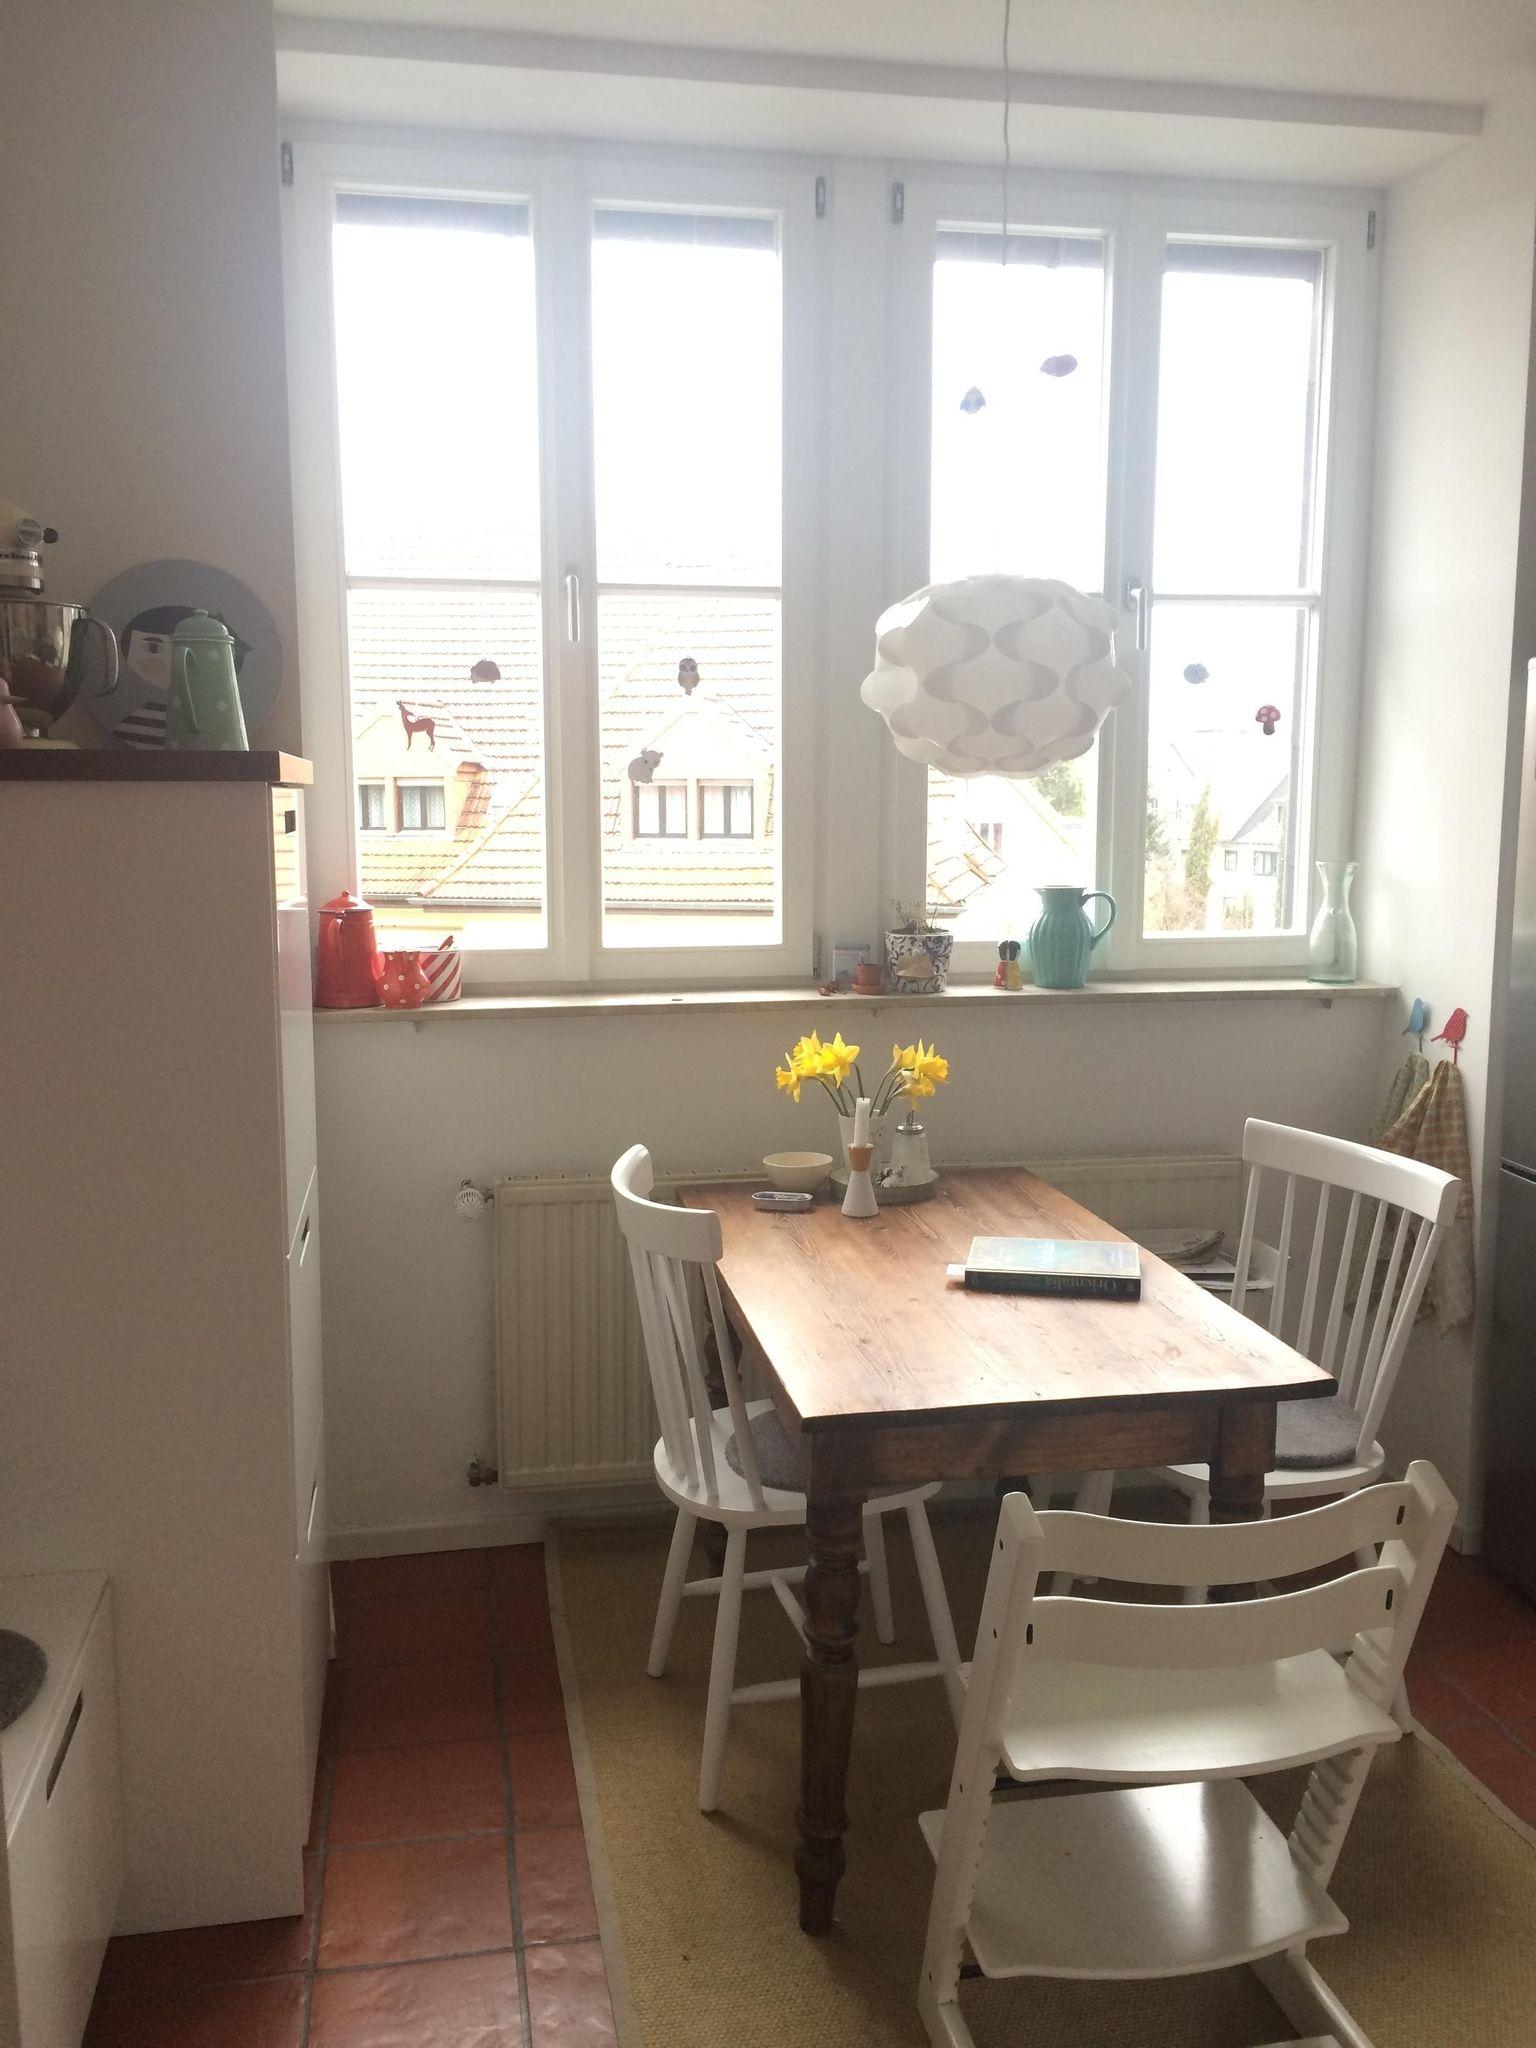 Kuchenliebe Living Kuche Interior Kuchentisch Altundneu Scandy Hygge Altbau Kuche Arbeitsplatte Und Grohe Blue